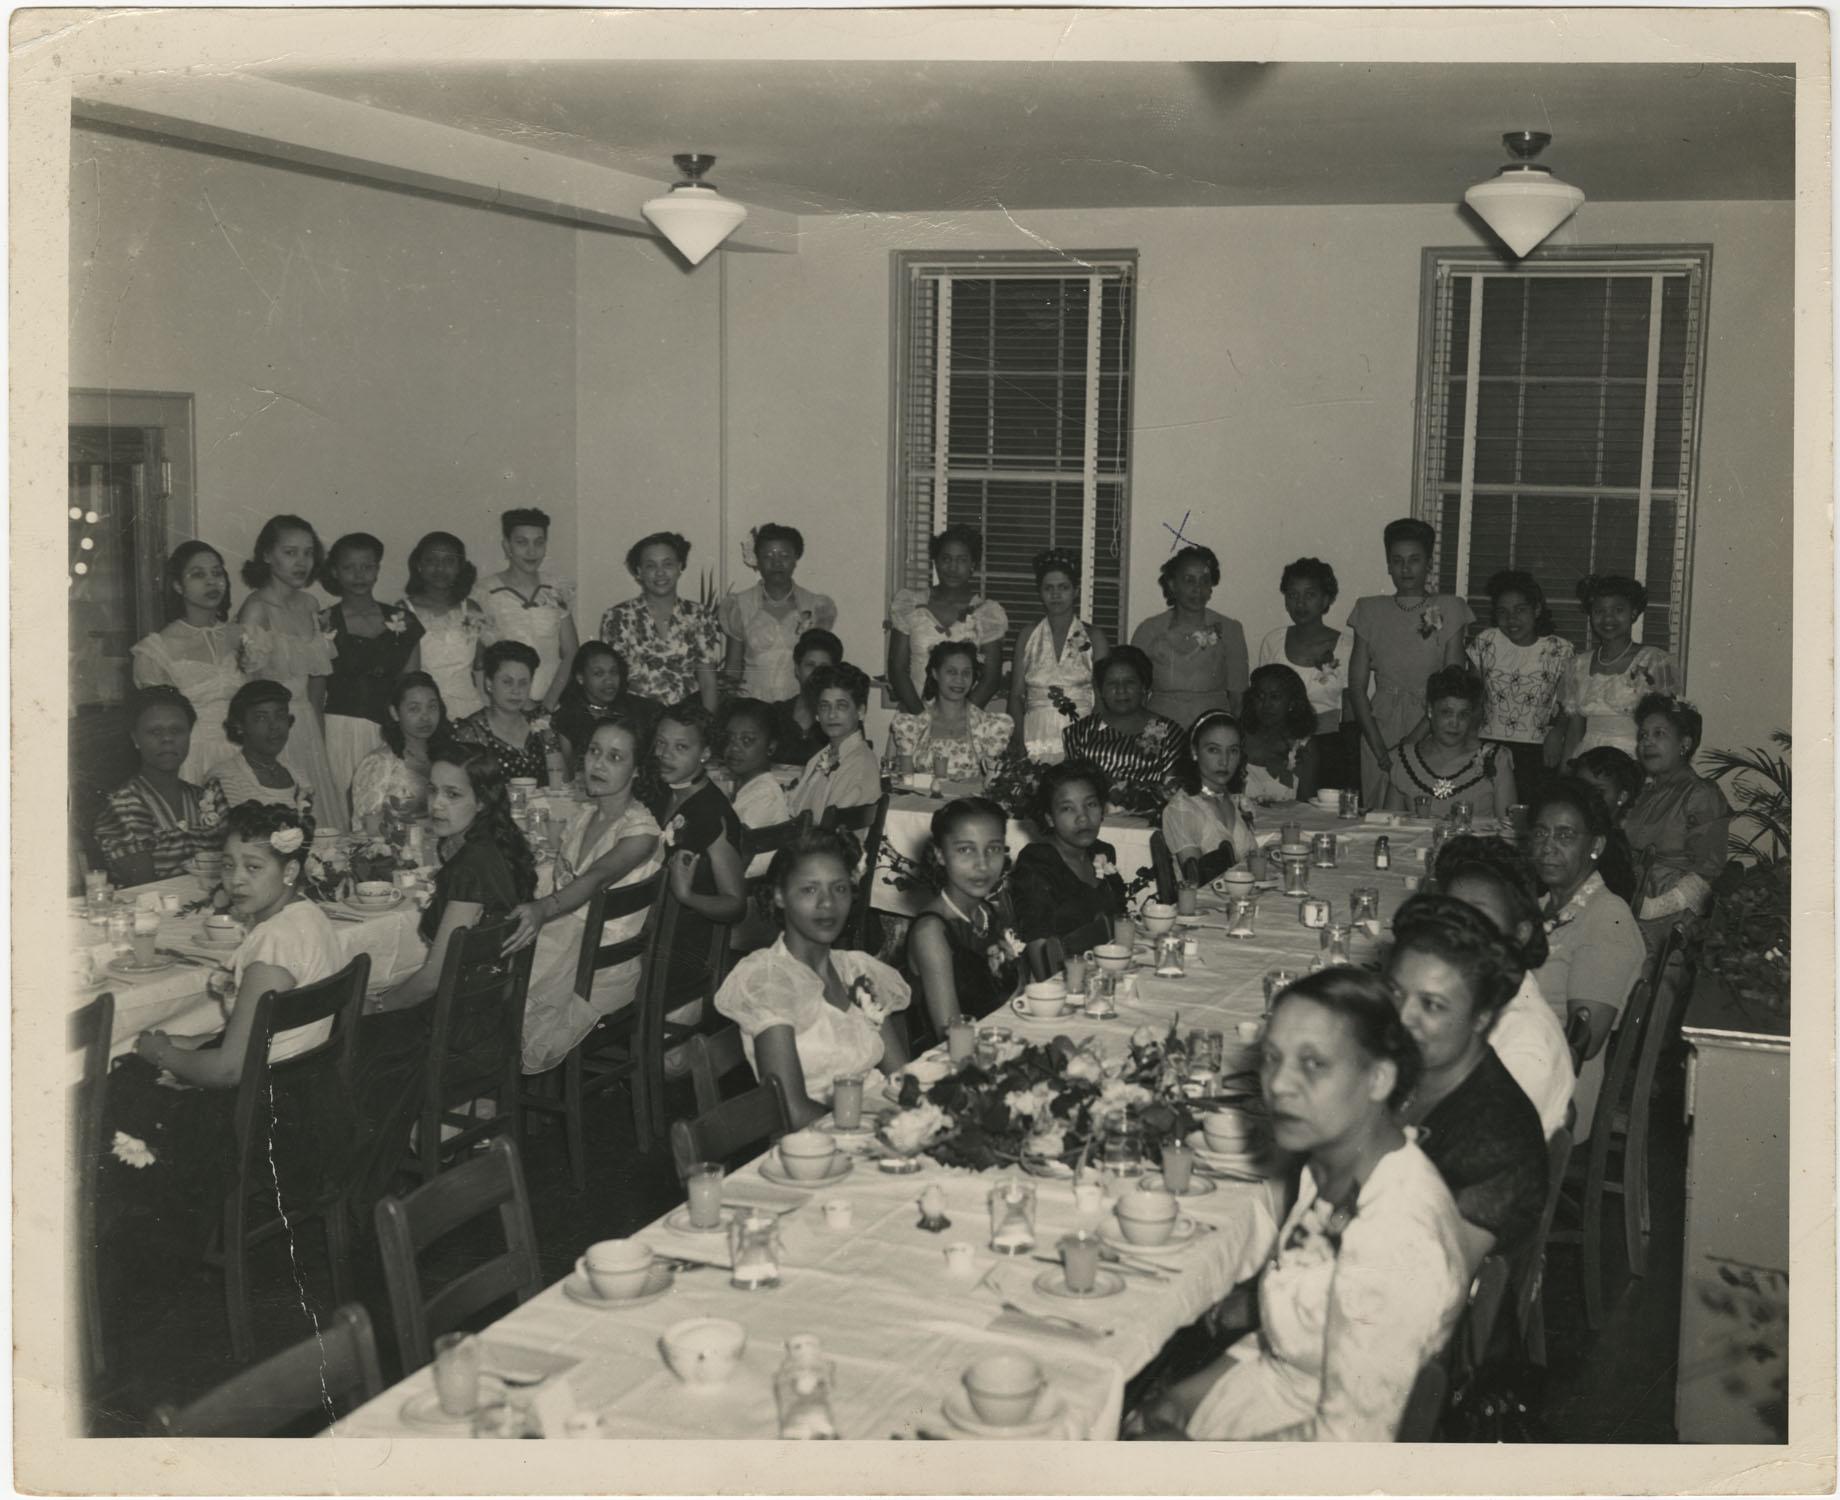 AKA Banquet, 1945